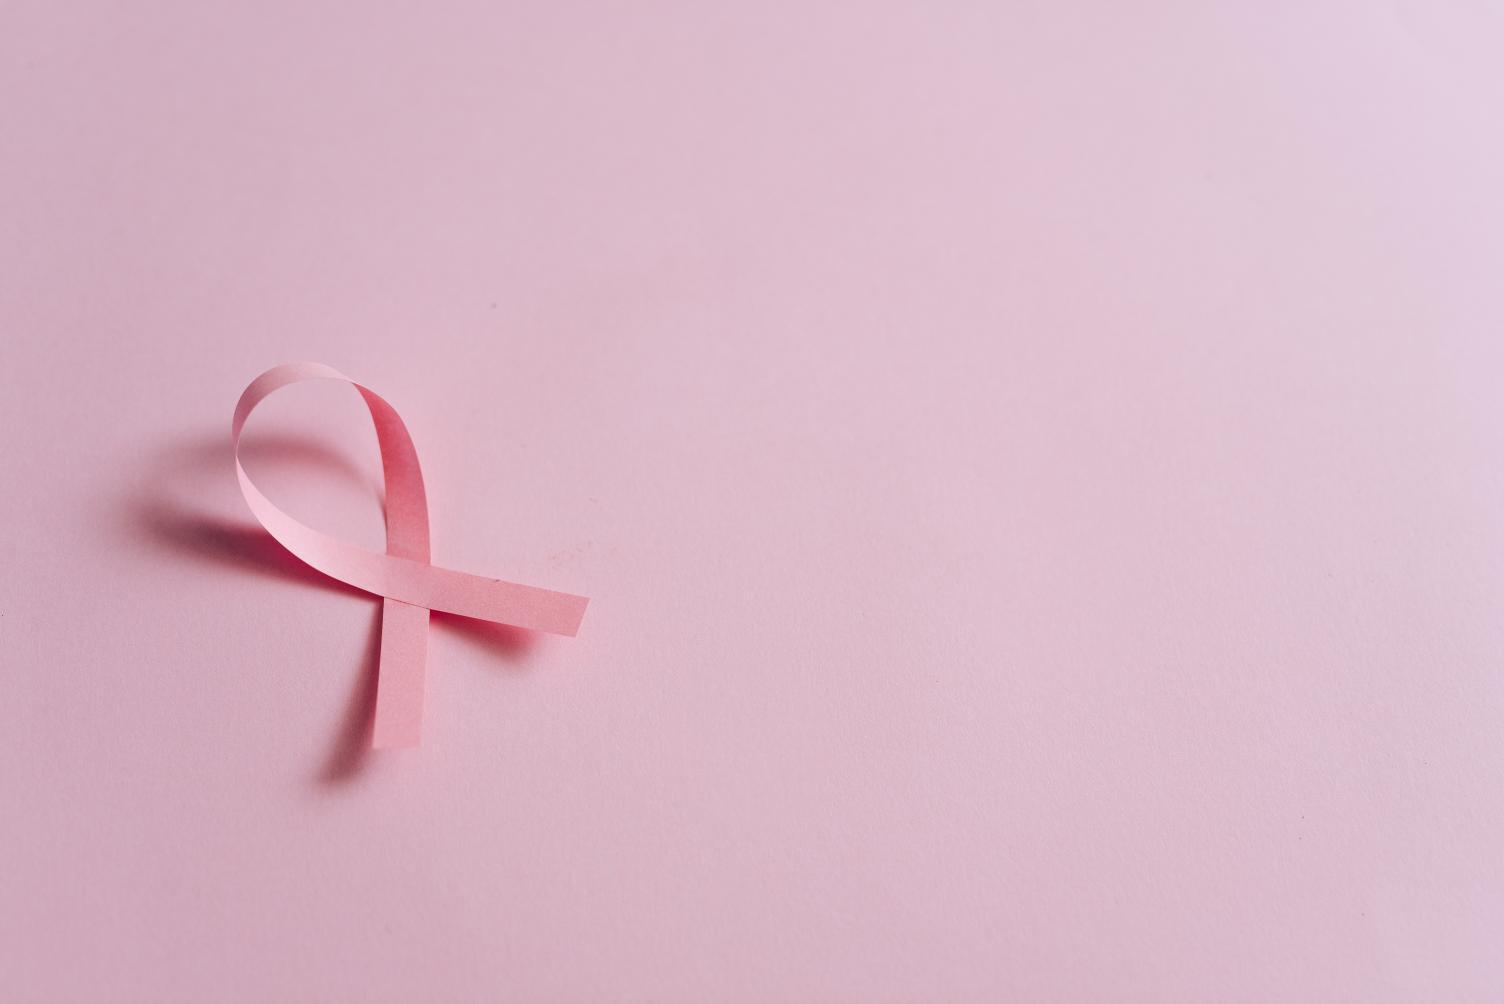 19 de Outubro - Dia Internacional de Combate ao Câncer de Mama